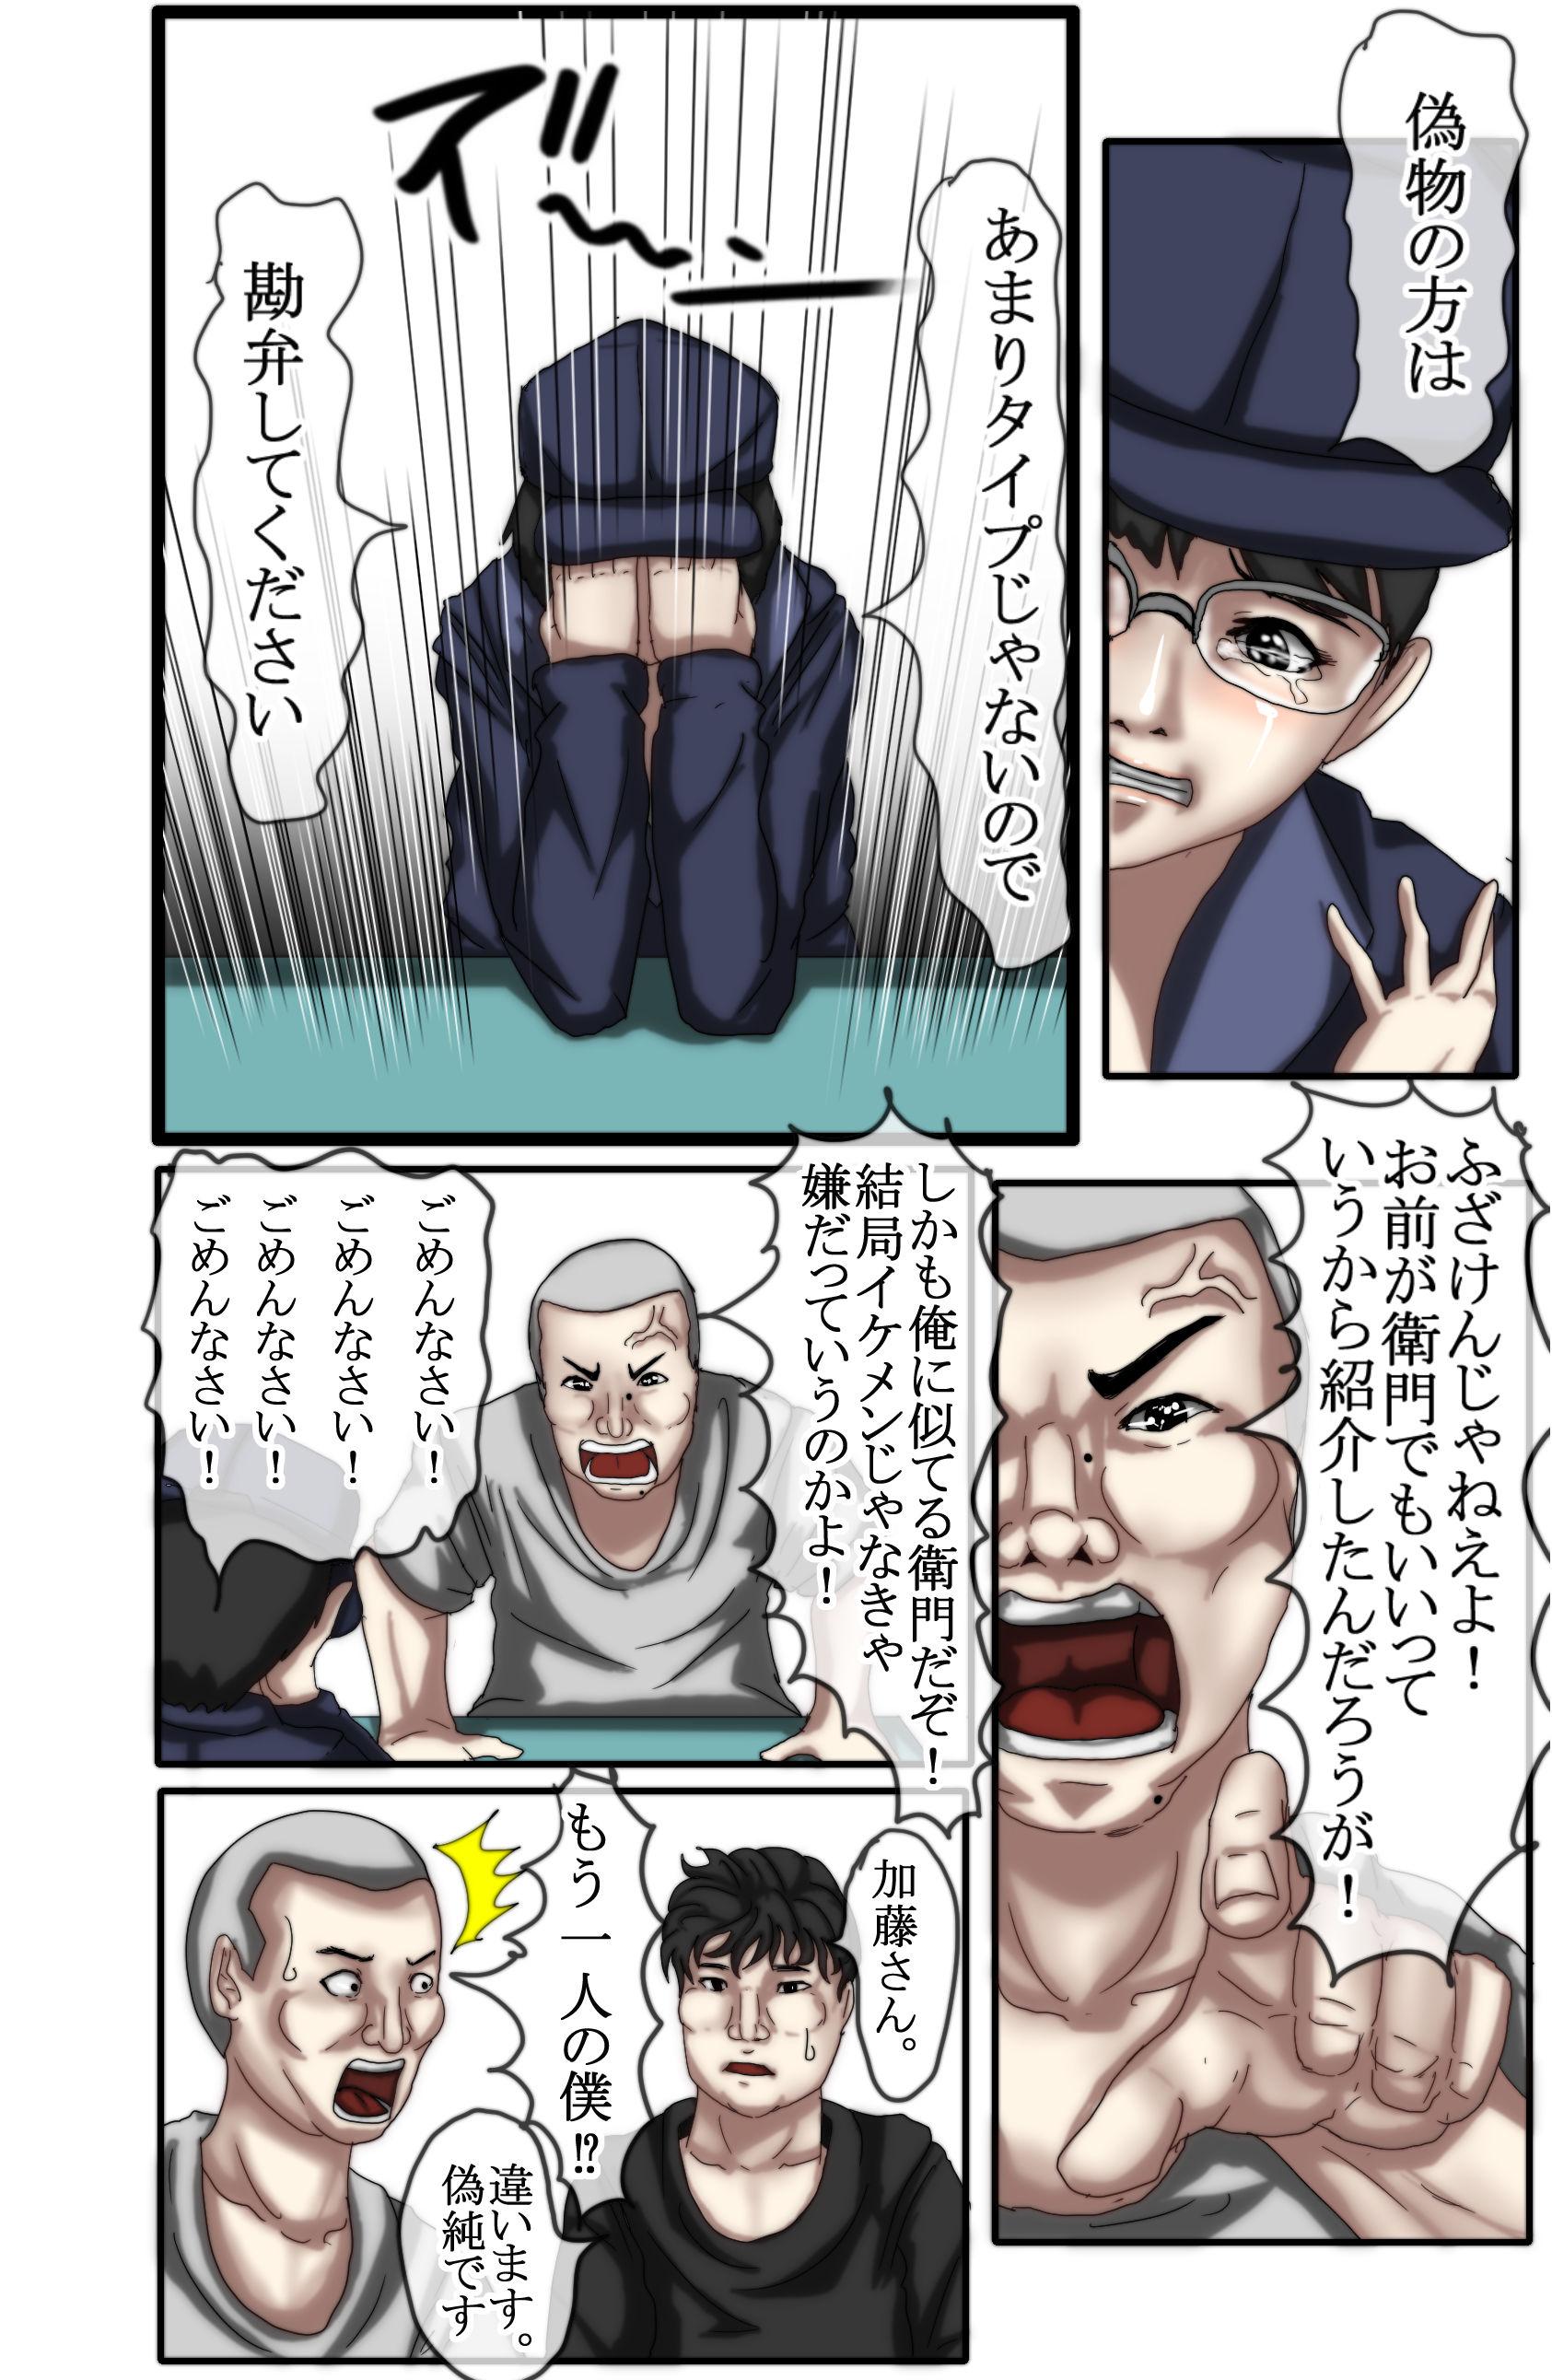 加藤純一エロマンガプロジェクト カトコンアフター フルカラー